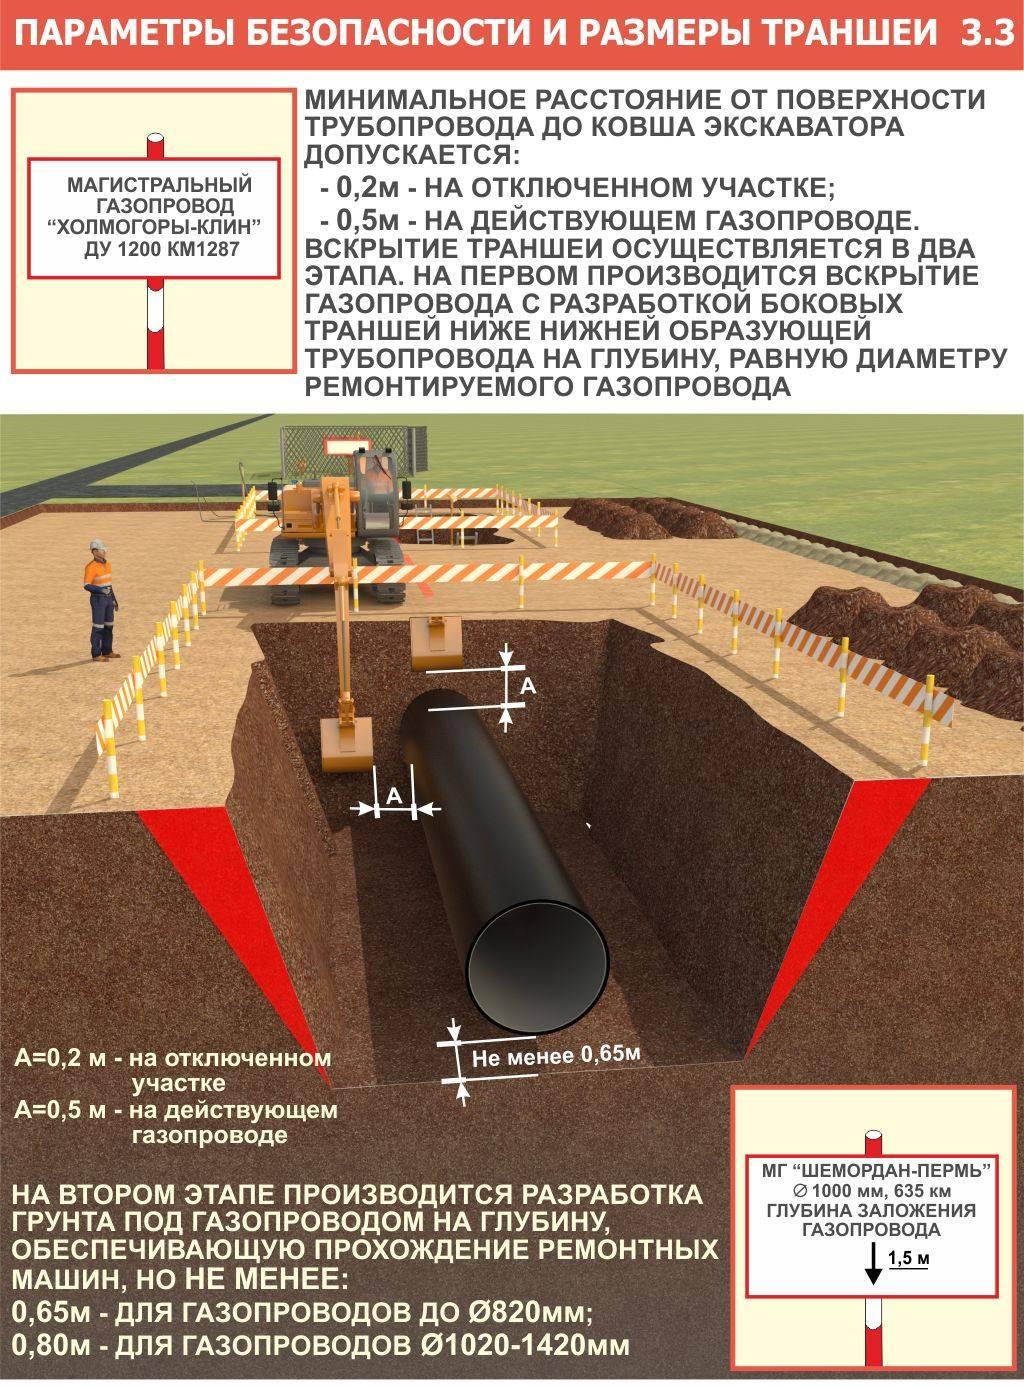 Какая глубина прокладки канализационной трубы будет оптимальной в каждом конкретном случае